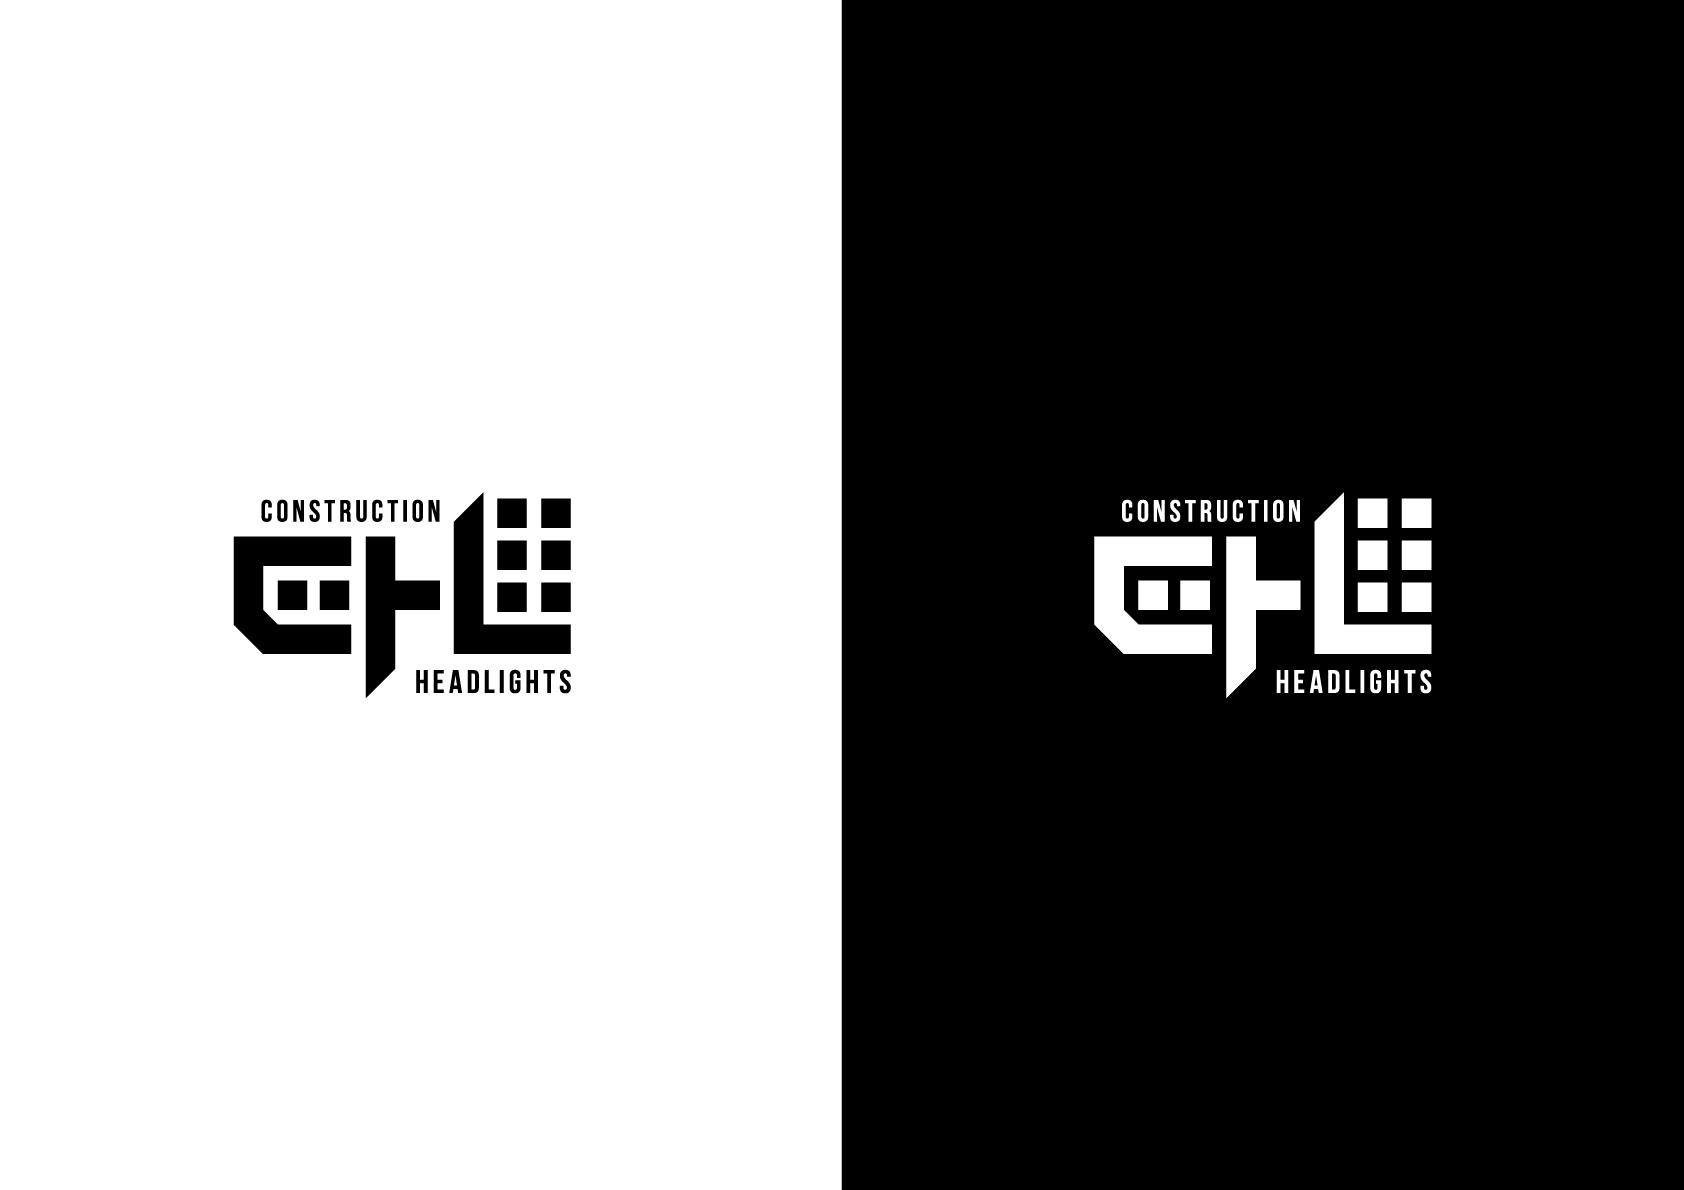 разработка логотипа для производителя фар фото f_6605f5bc168b208d.jpg